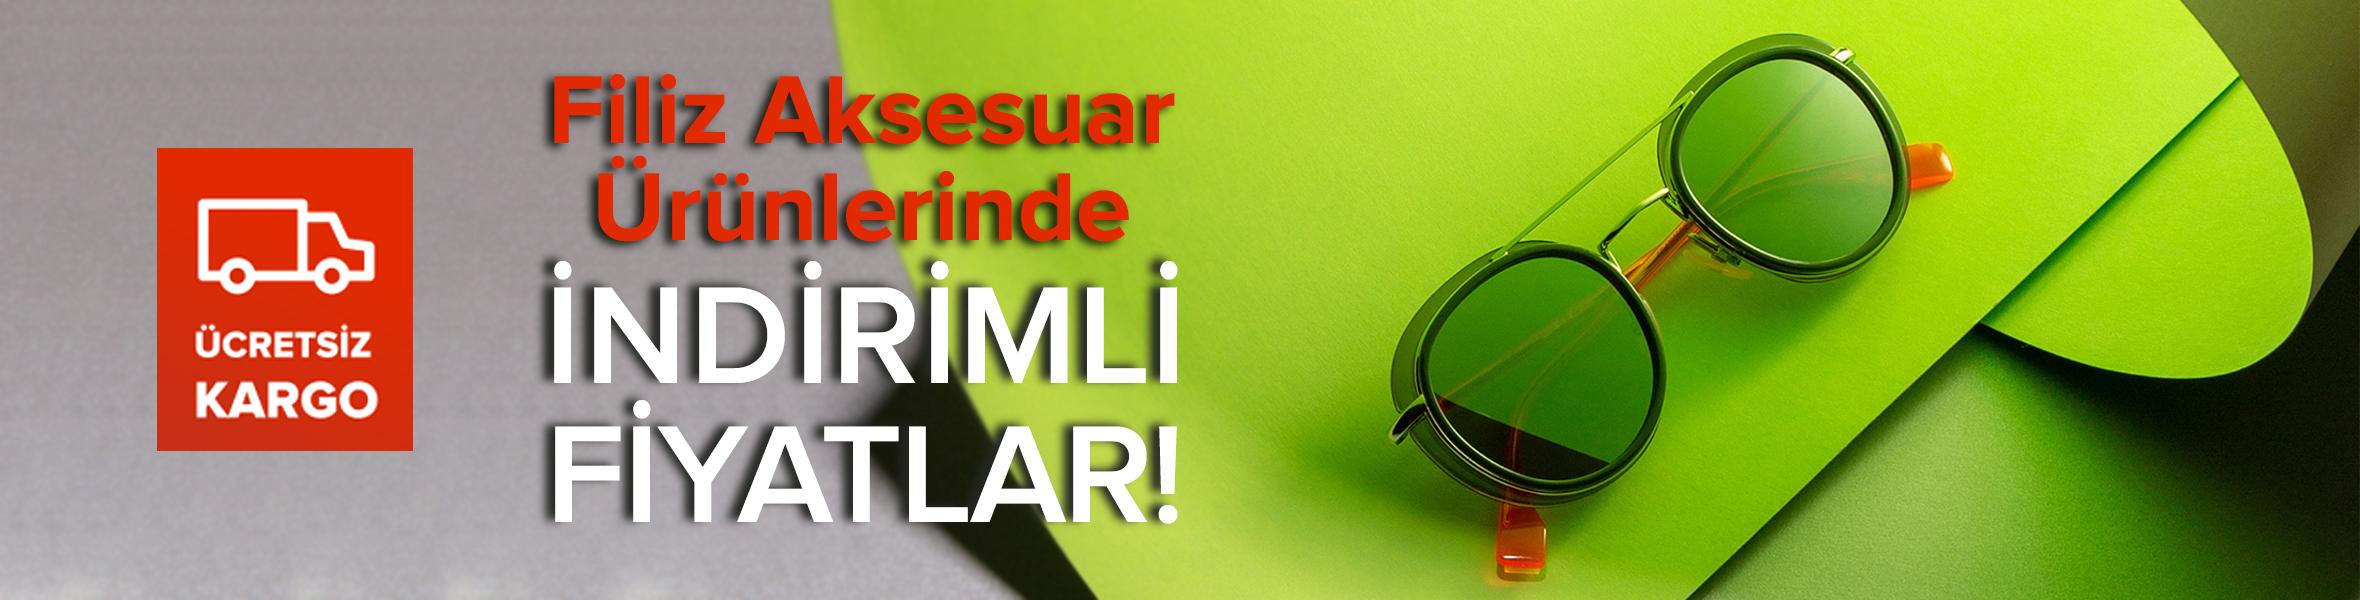 Filiz Aksesuar Ürünlerinde İndirim Fırsatı !